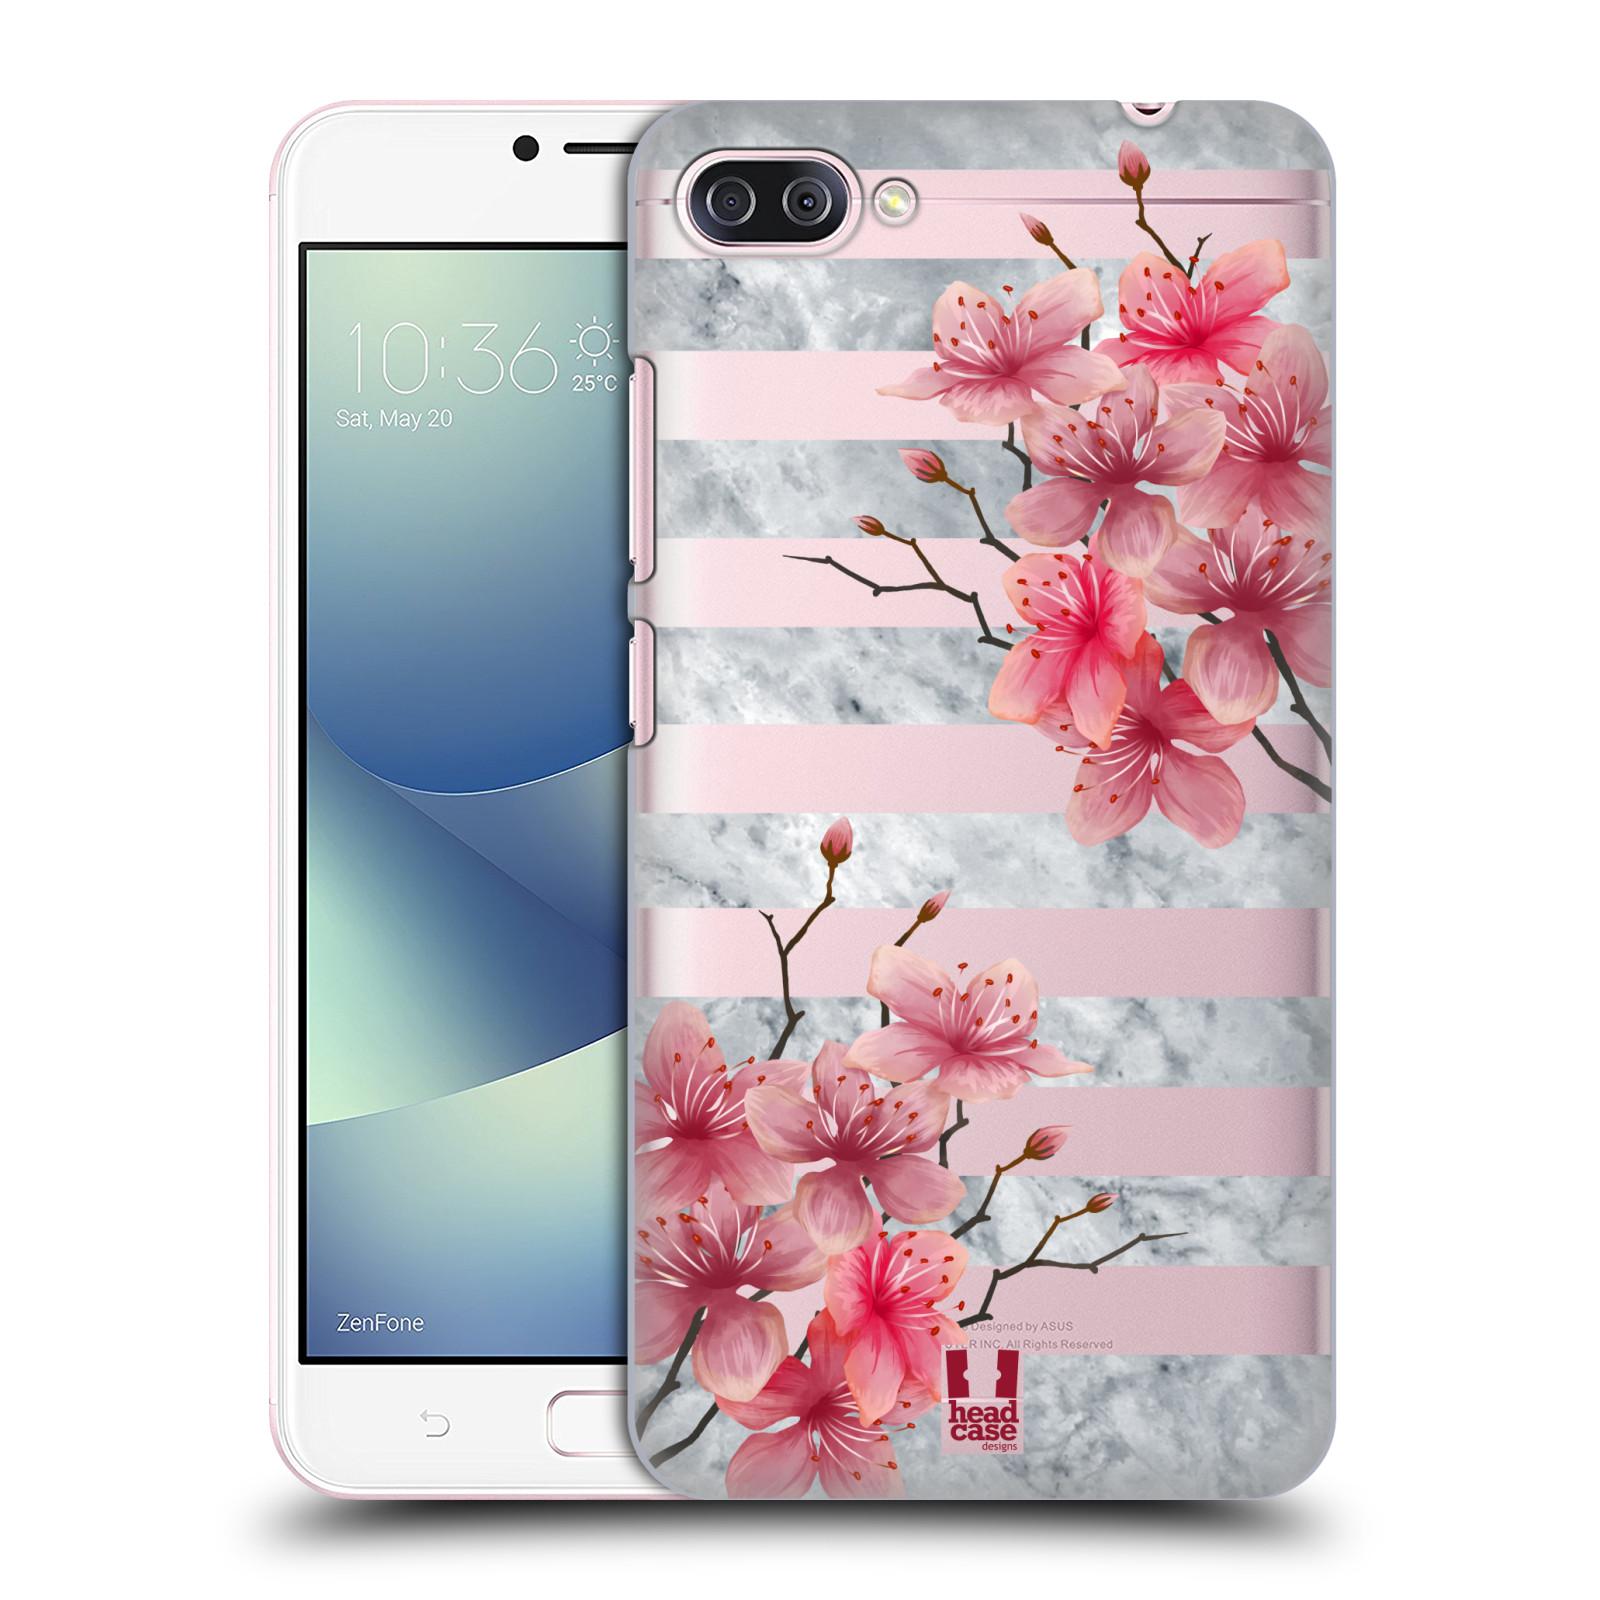 HEAD CASE plastový obal na mobil Asus Zenfone 4 MAX ZC554KL růžové květy v rozkvětu a mramor